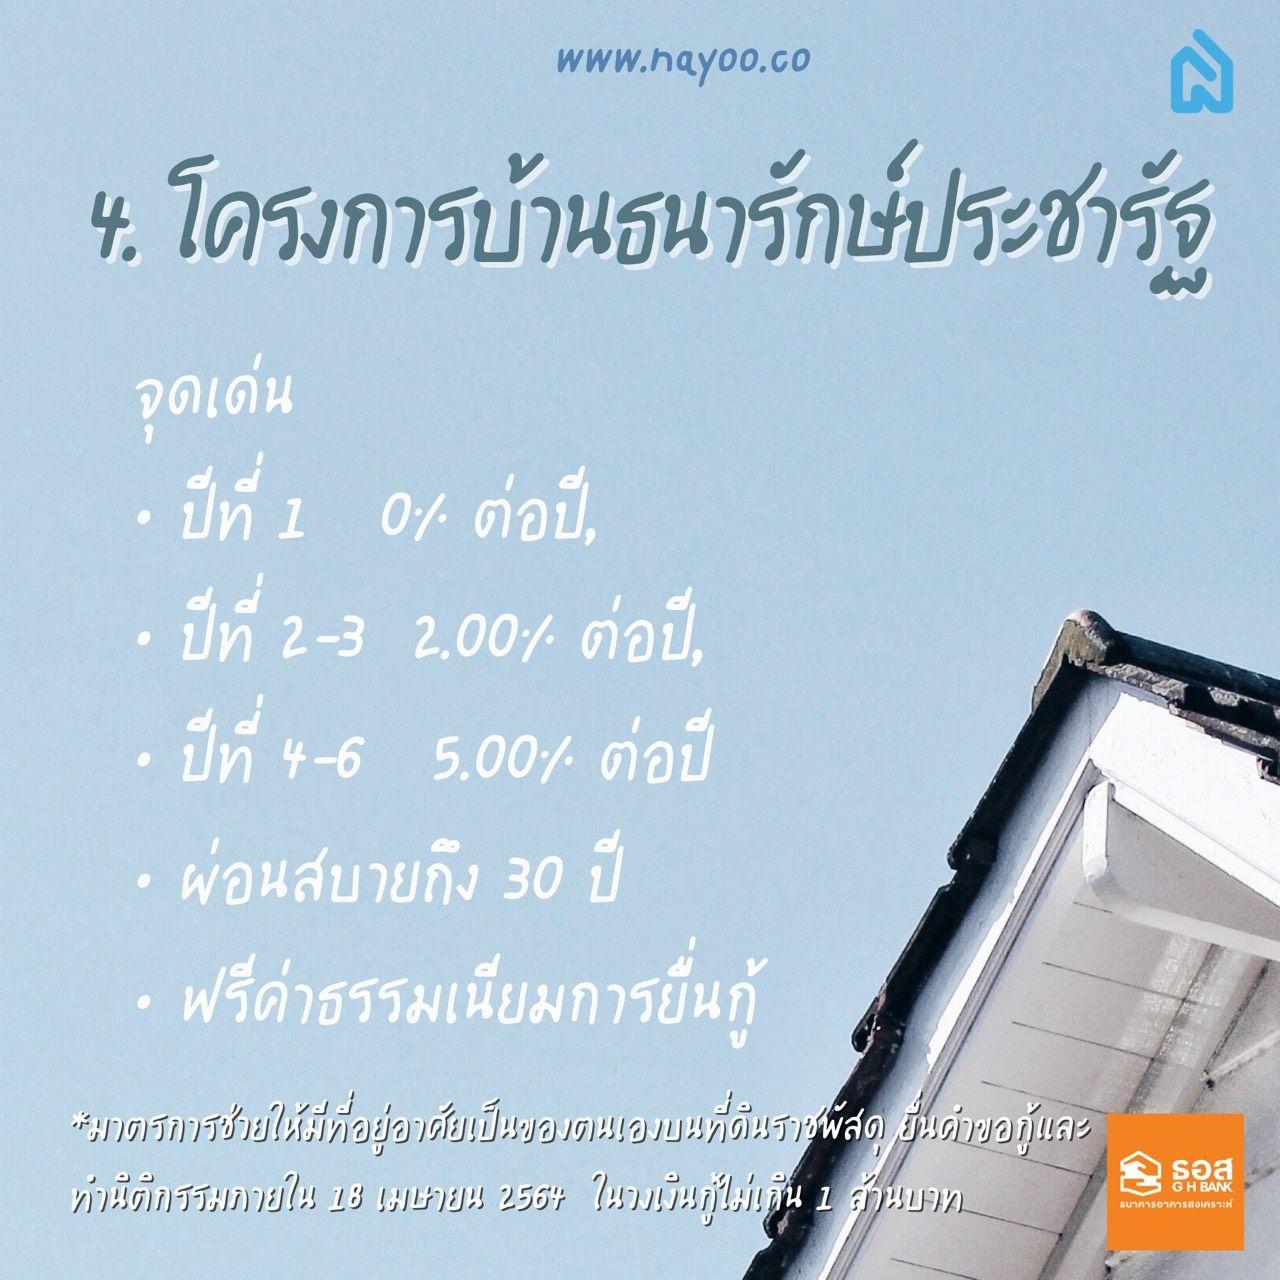 โครงการบ้านธนารักษ์ประชารัฐ โครงการบ้านล้านหลัง โครงการรัฐทำให้คนไทยมีบ้านได้จริง ธอส. ดอกเบี้ยถูก